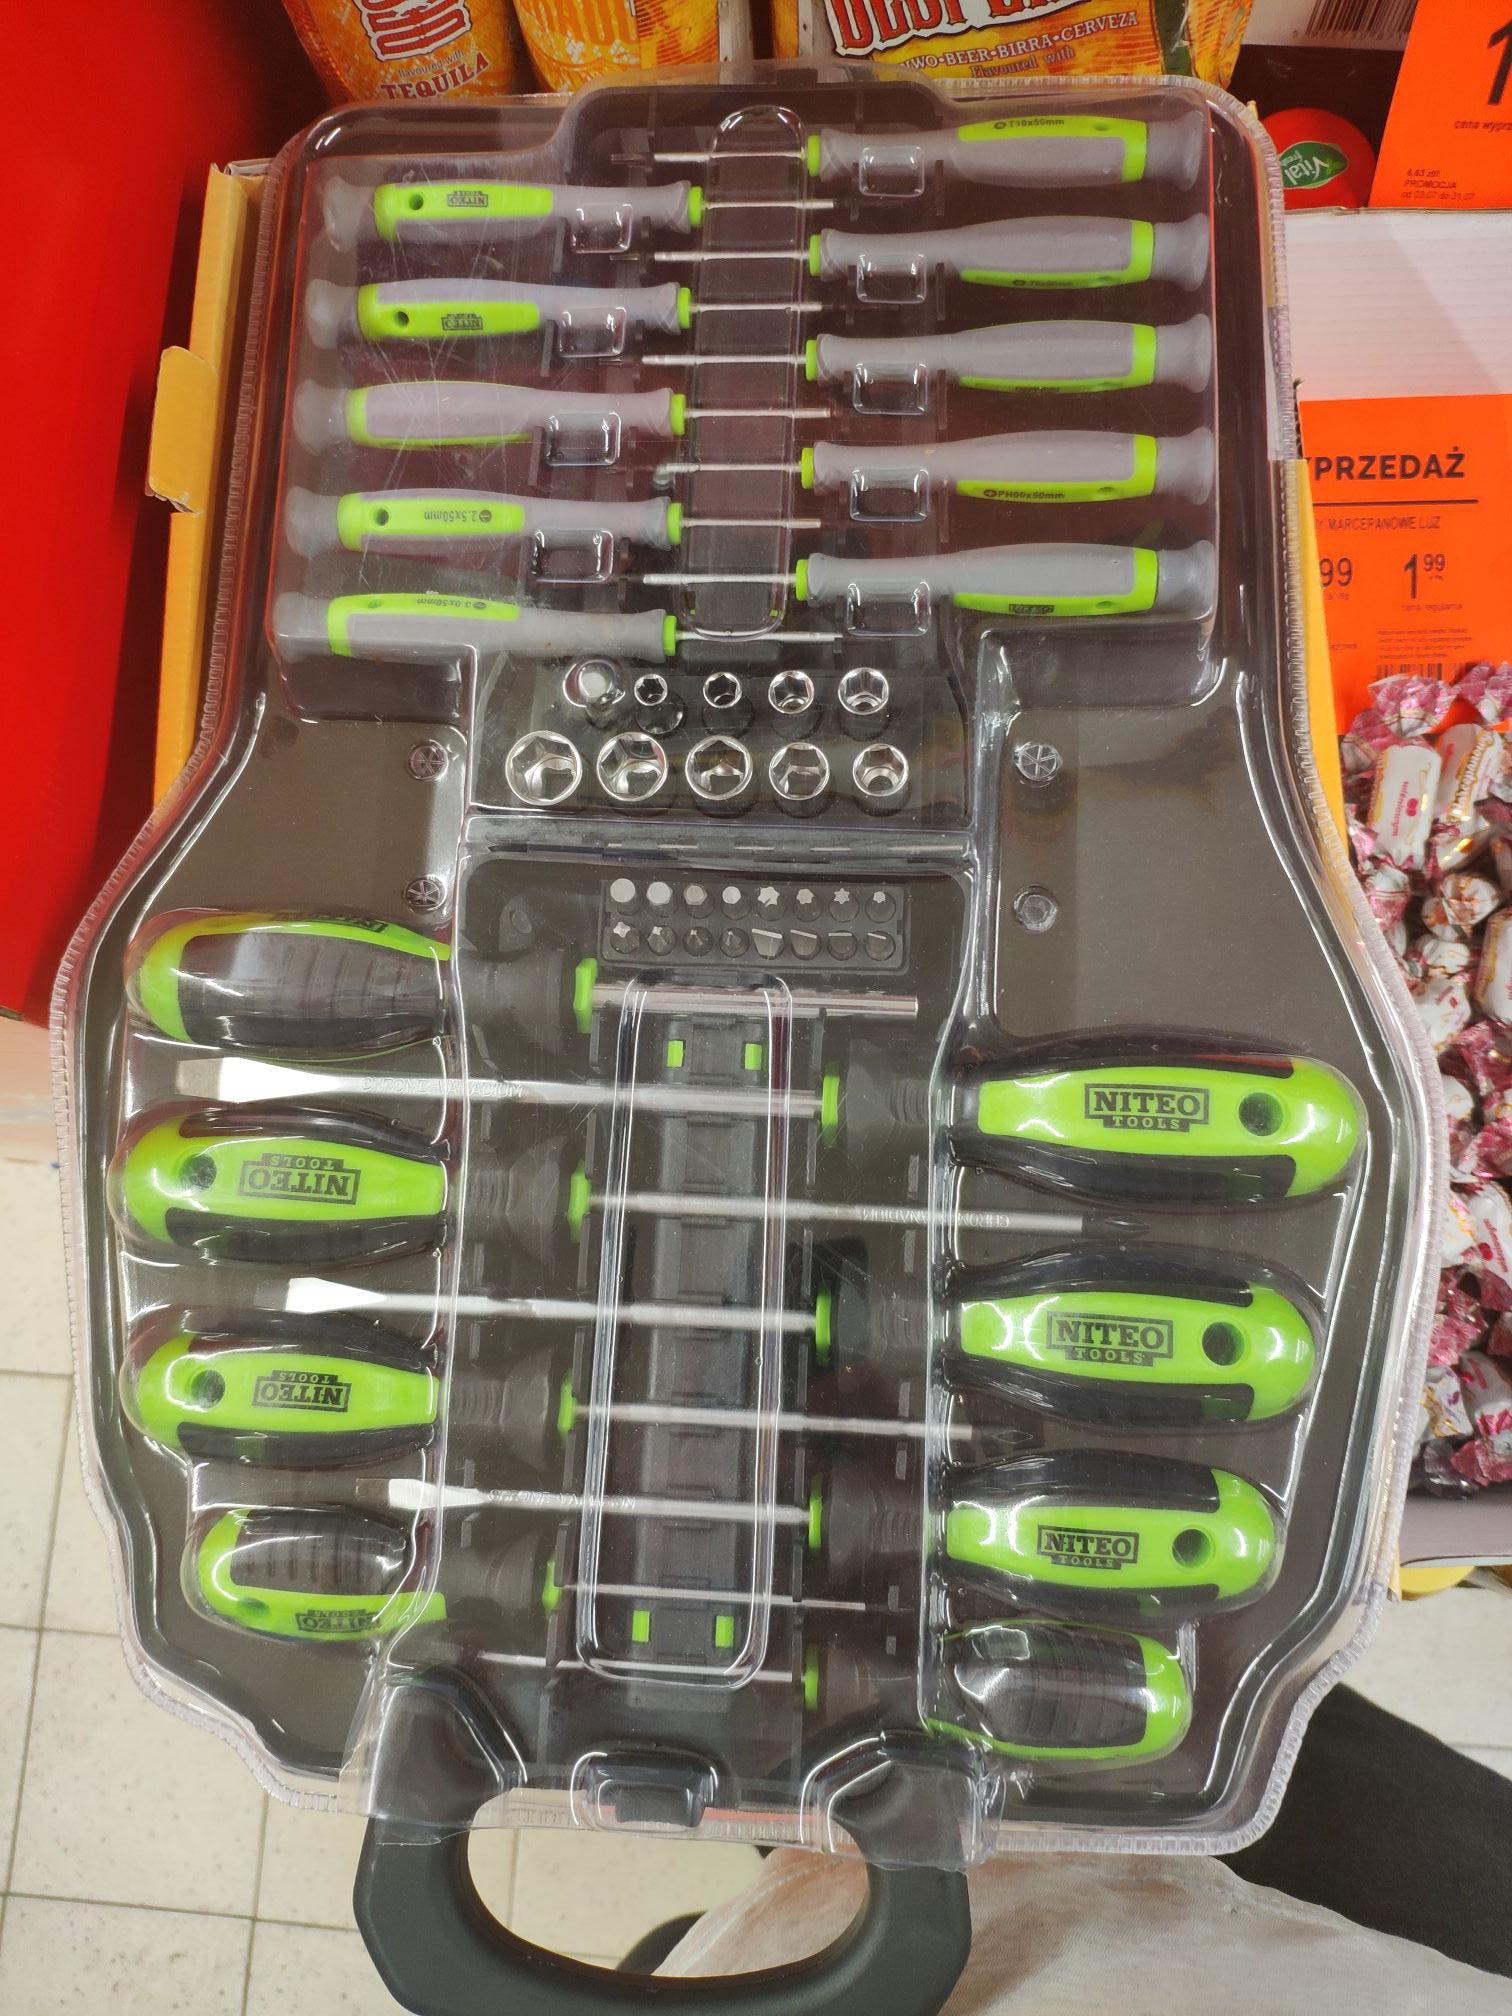 Zestaw megnetycznych śrubokrętów i bitów Niteo Tools w Biedronce